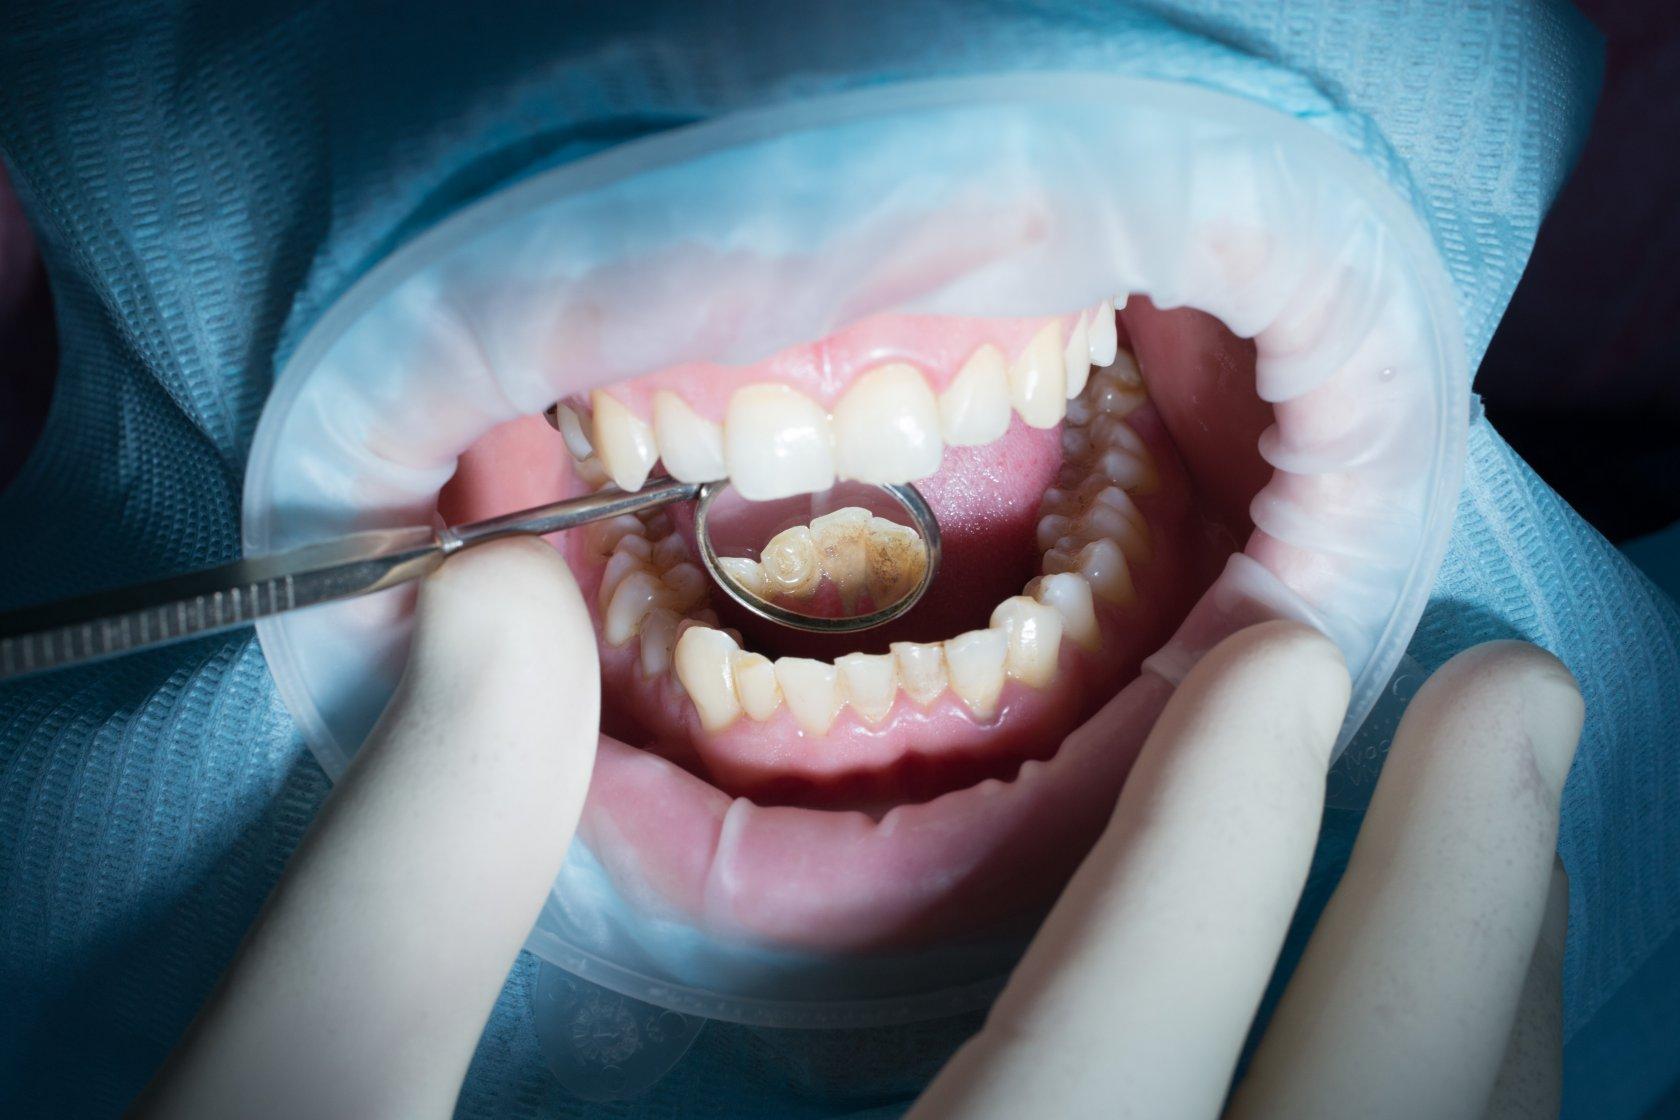 Лечение кариеса зубов: этапы и фото